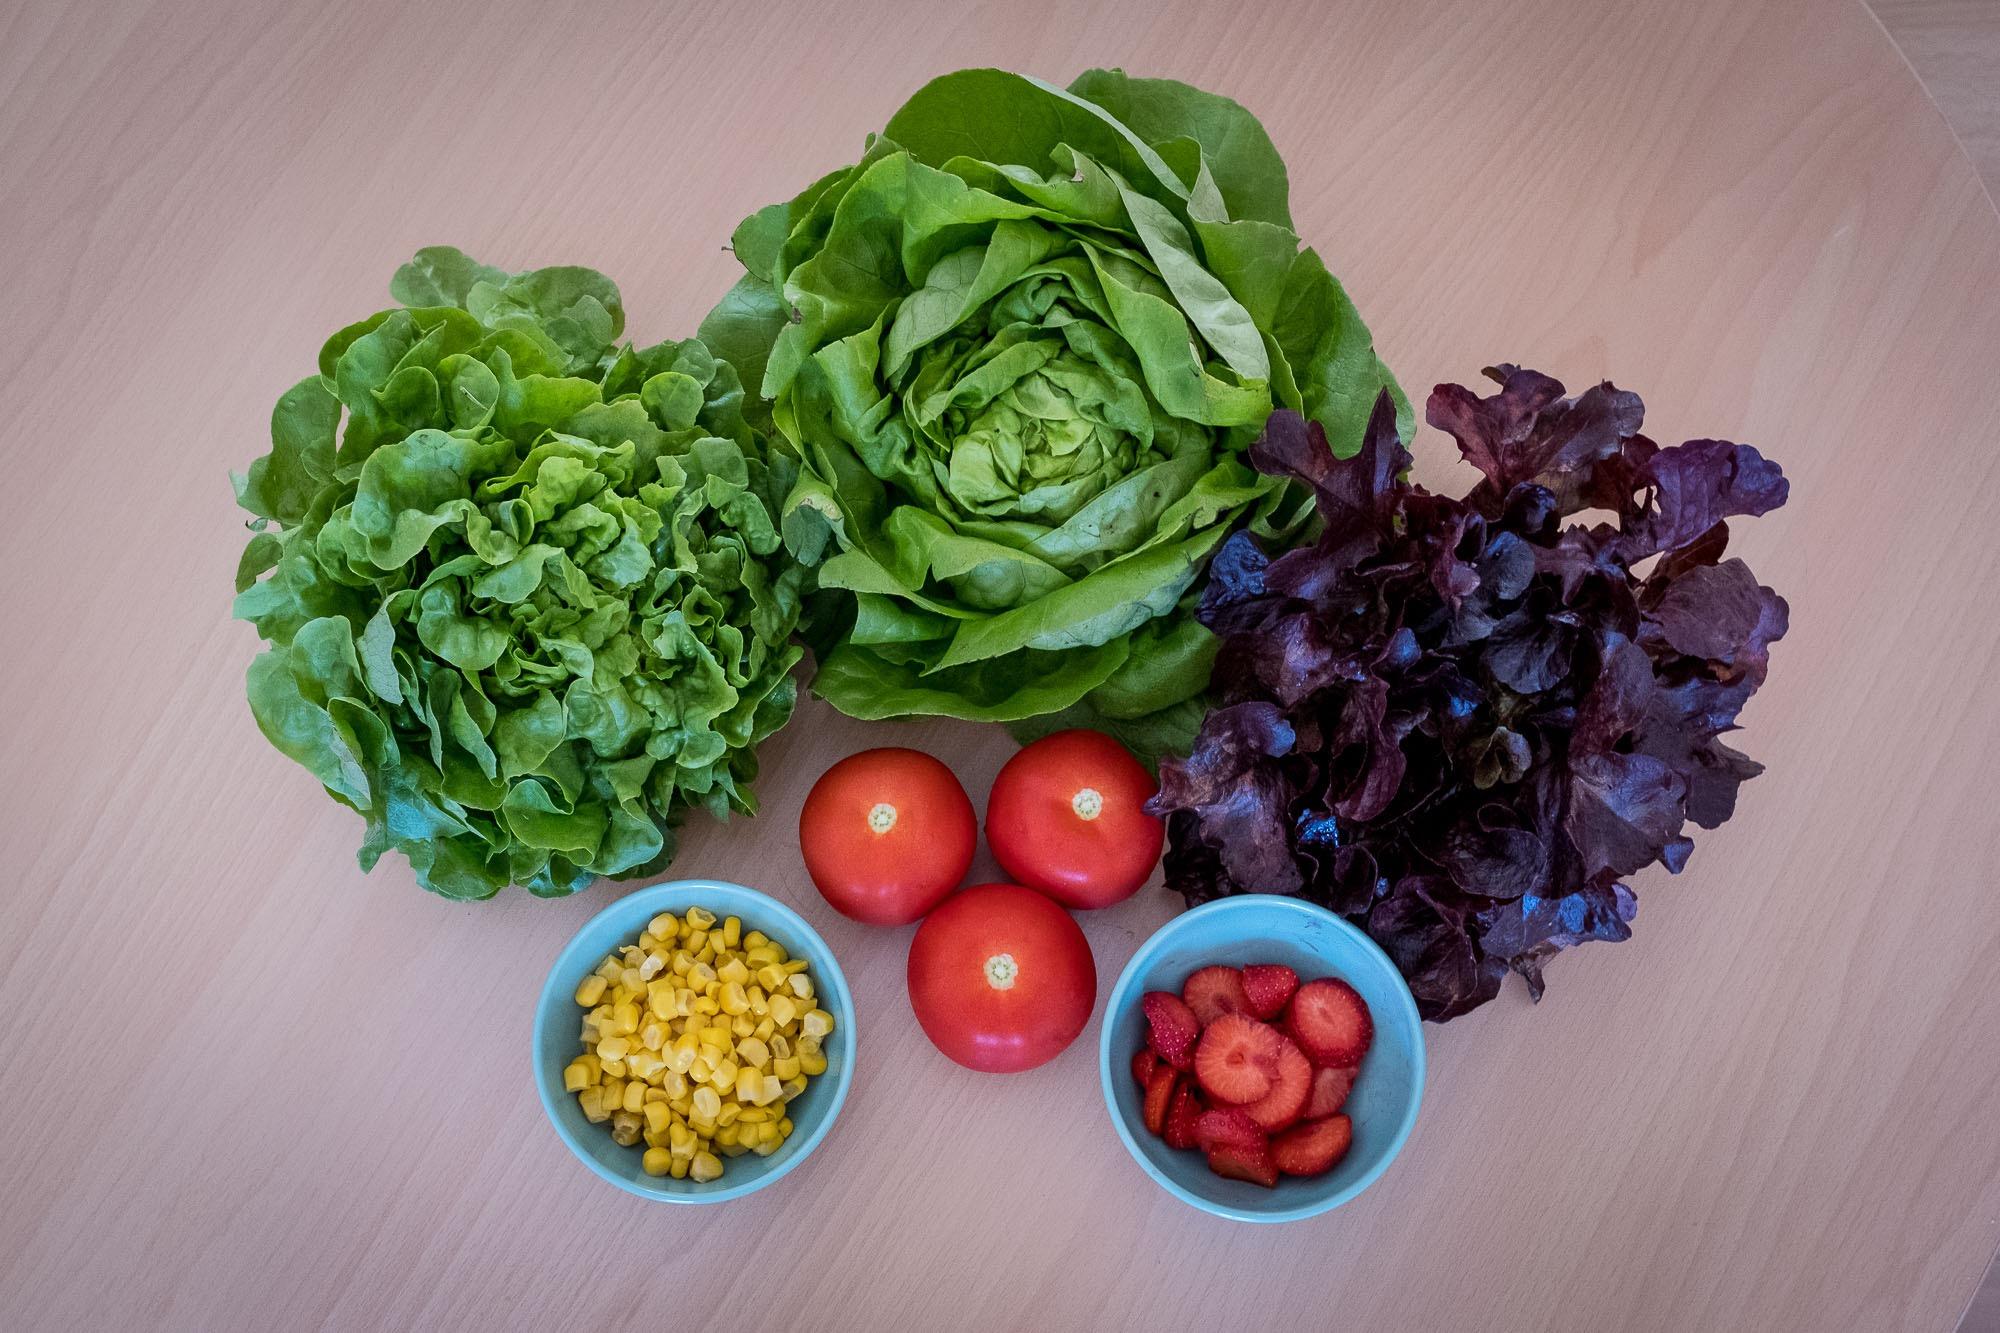 Zutaten für meinen knackigen Sommersalat: Salat, Mais, Tomaten und Erdbeeren.